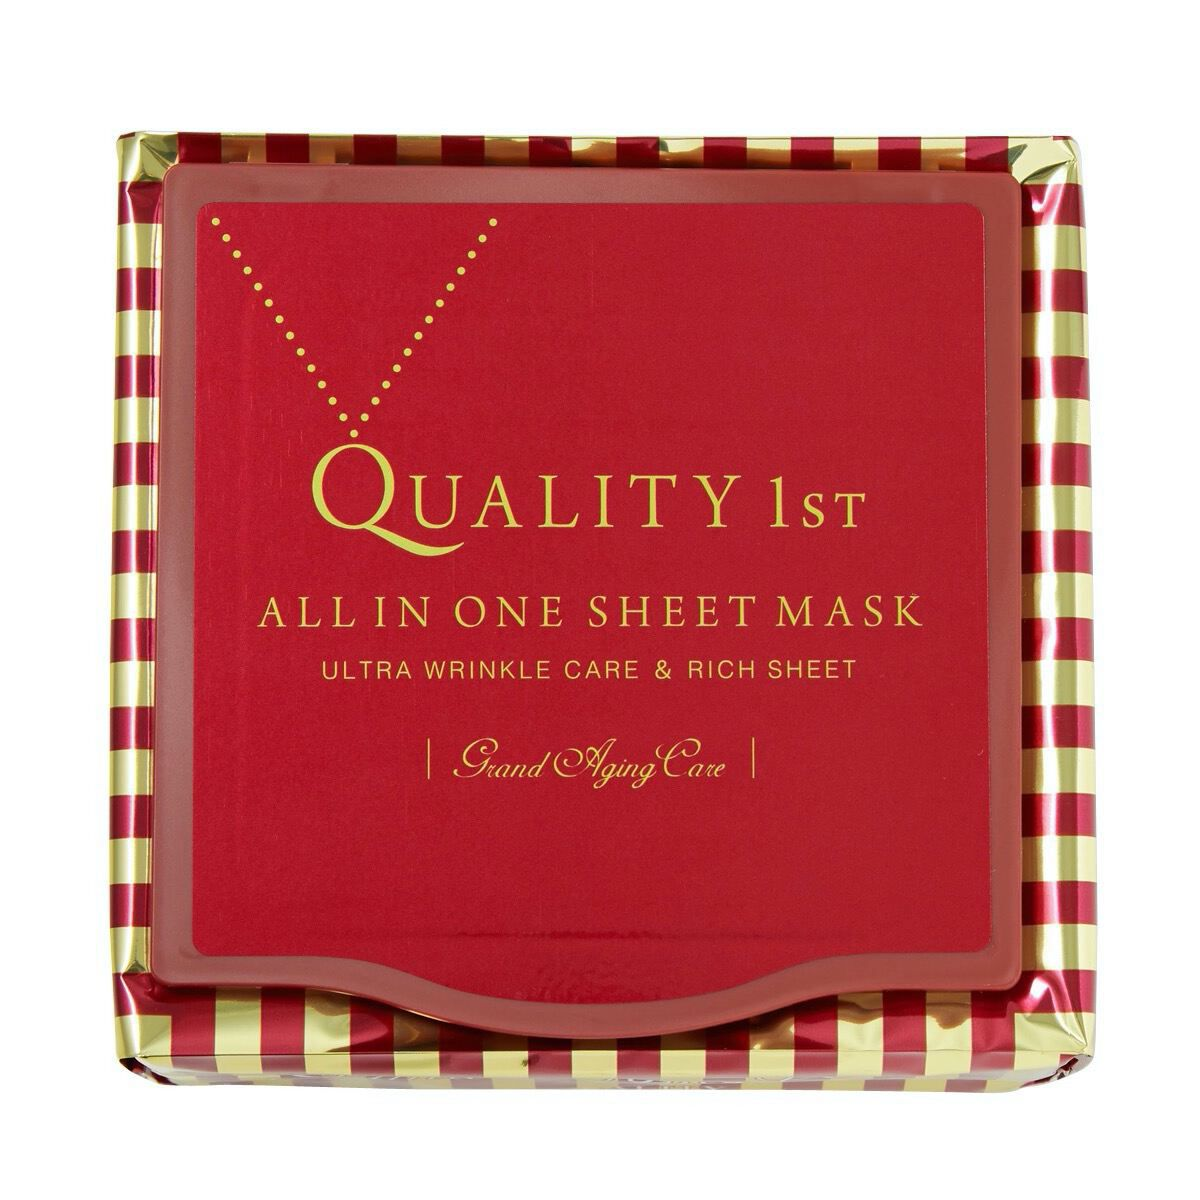 クオリティファースト QUALITY 1ST オールインワンシートマスク グランエイジングケア 本体 32枚のバリエーション6